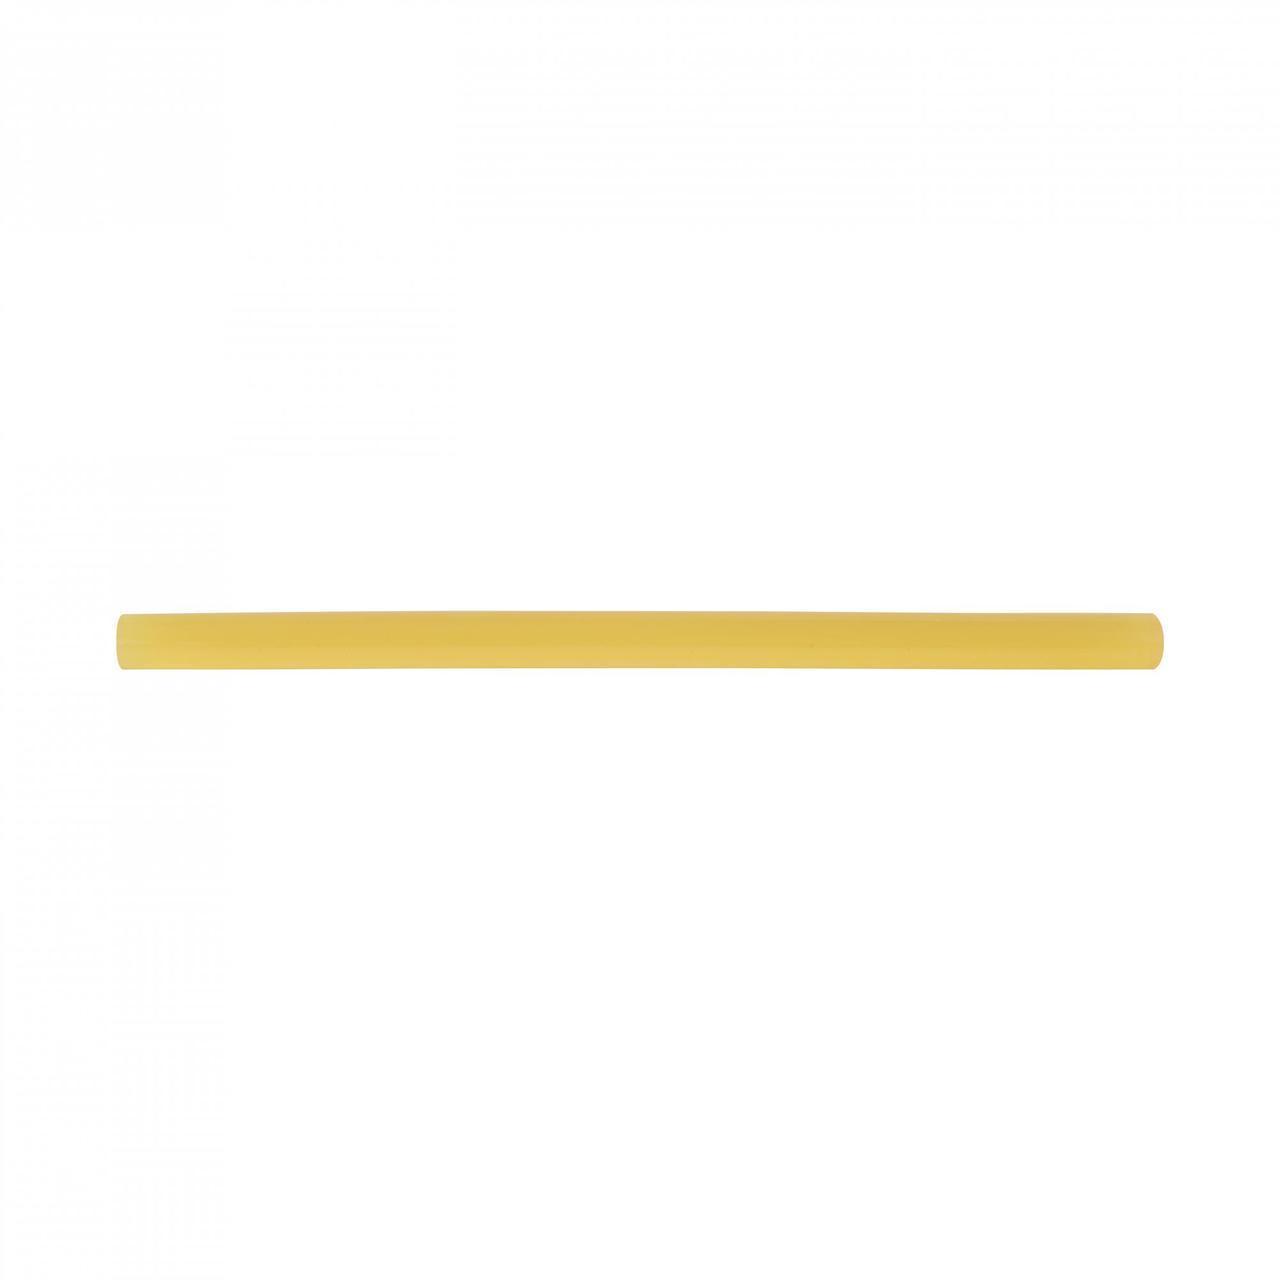 Стержни клеевые EDGE by PATRIOT 11*200мм желтые, упаковка 10шт